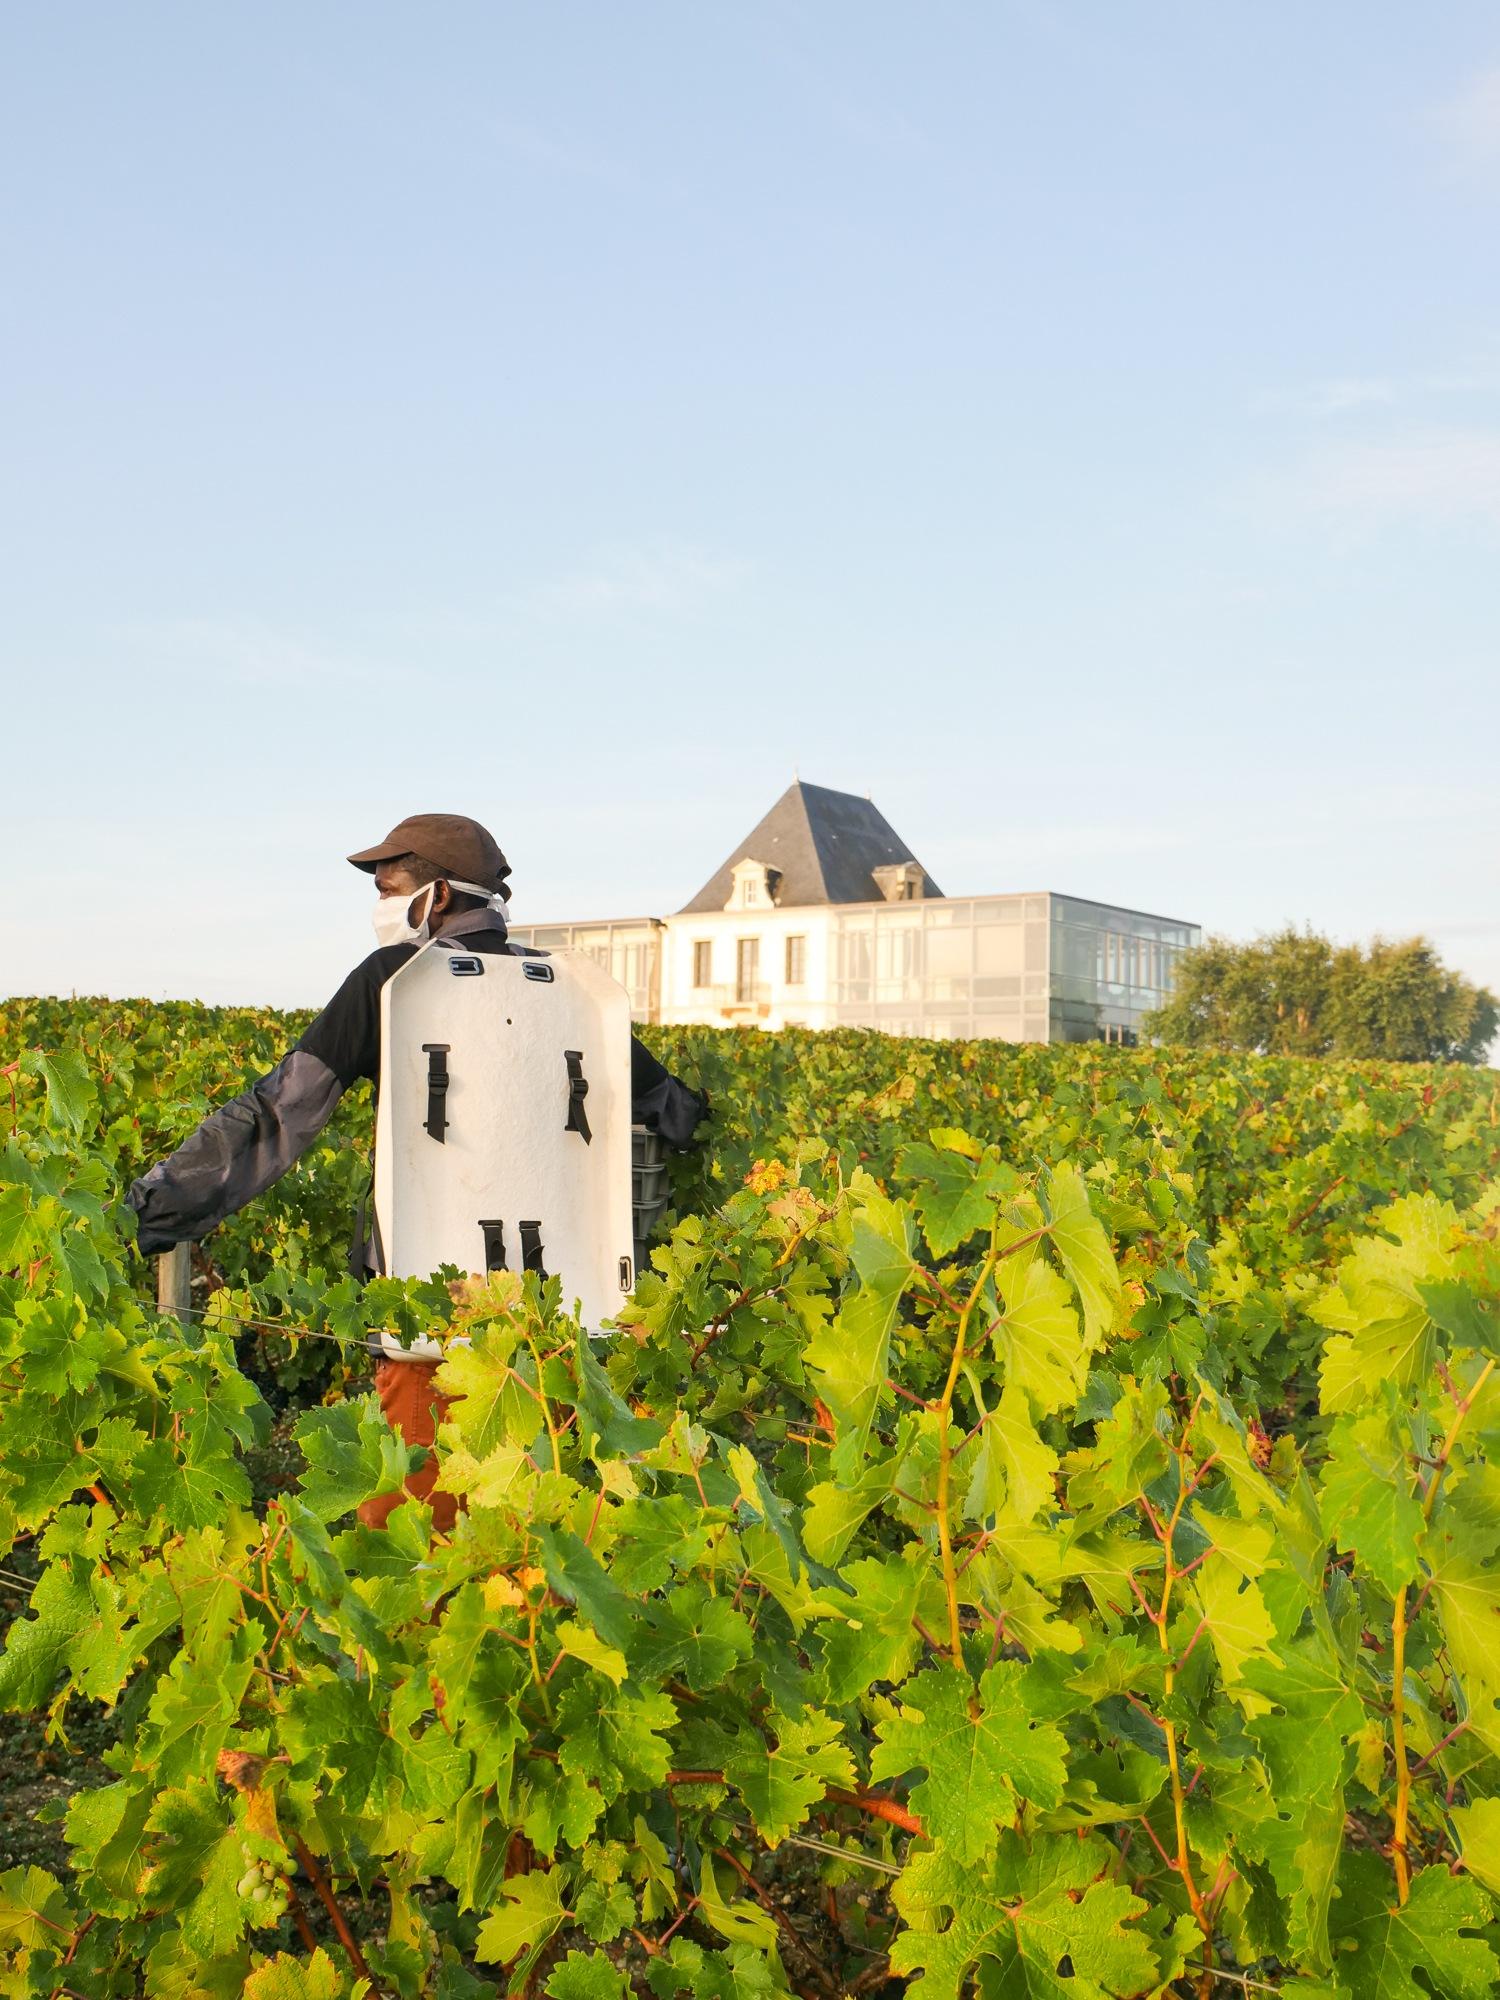 La viticulture, un rempart contre l'exclusion? - Chateau Pedesclaux